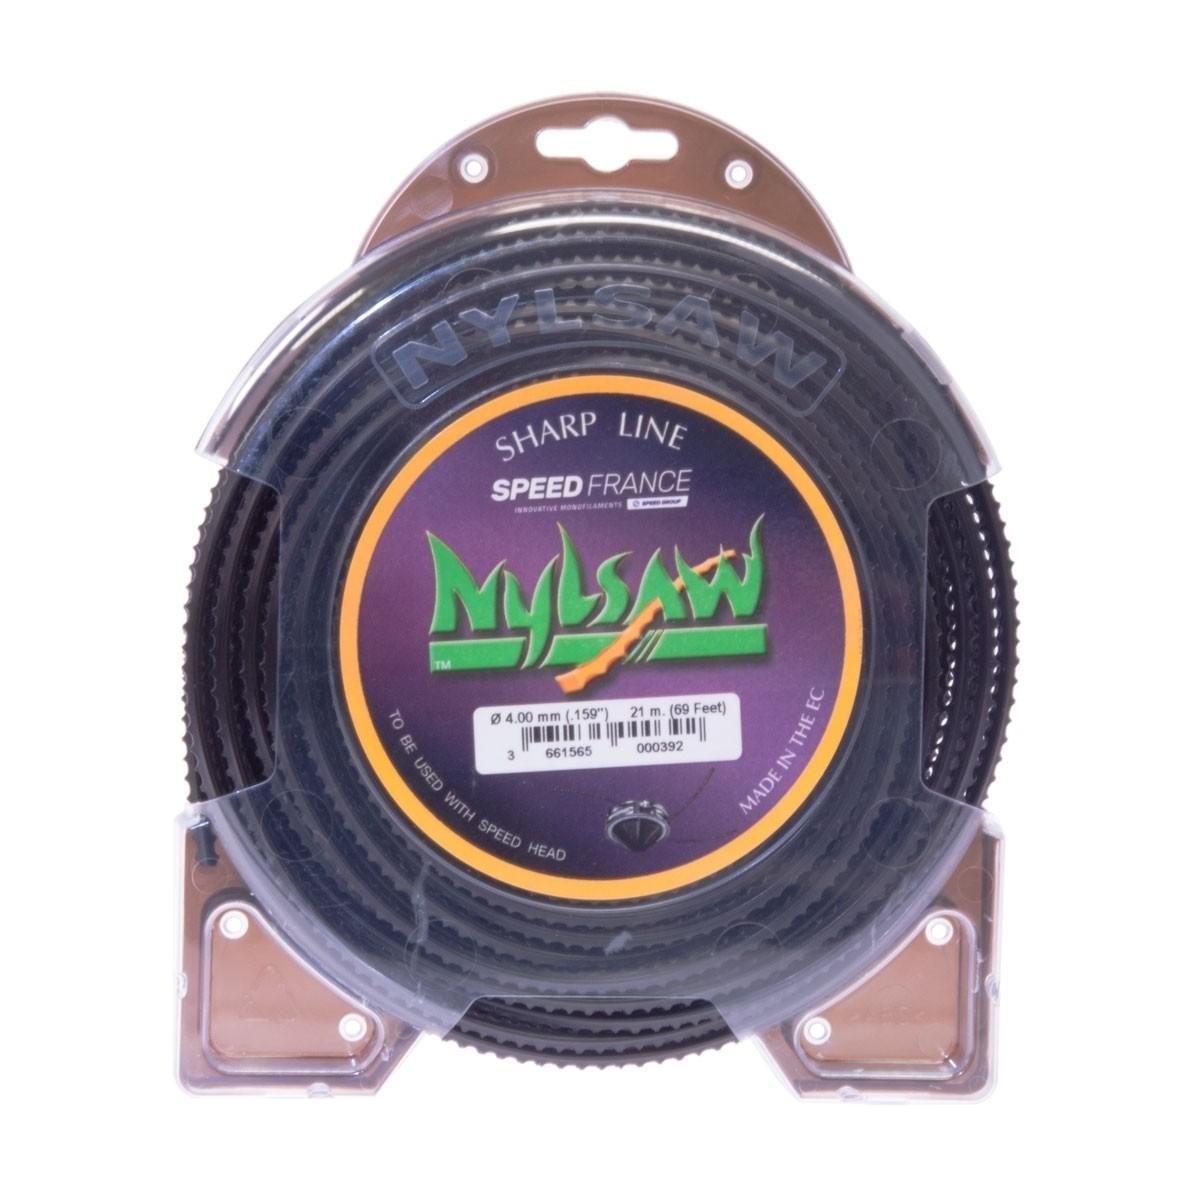 Siima SPEED-FRANCE: Nylsaw 4,0 mm, 21 metriä